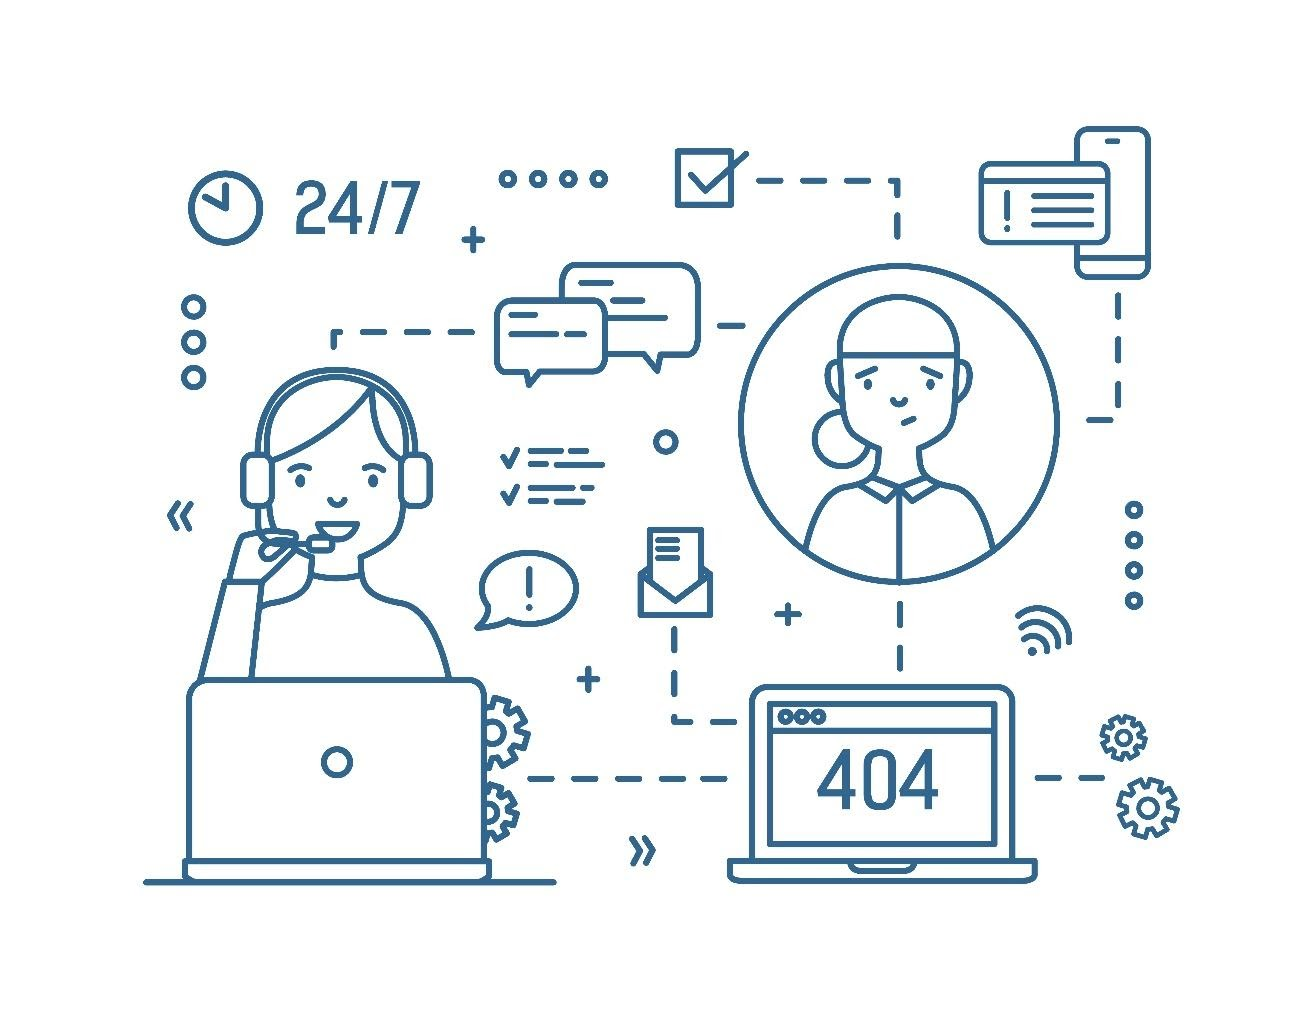 Le service client a une place cruciale dans la stratégie e-commerce